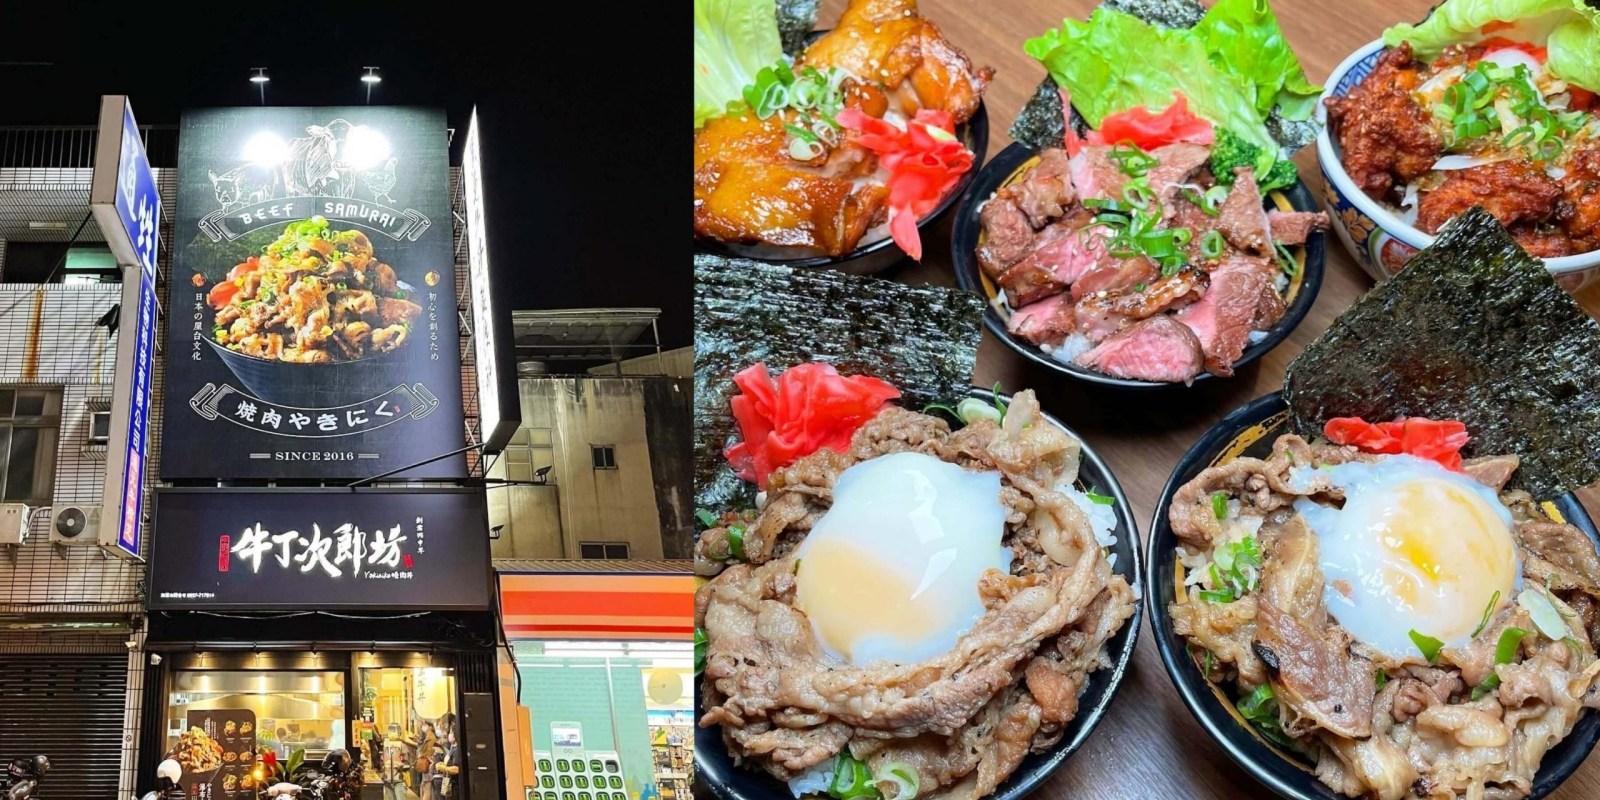 [台南美食] 牛丁次郎坊x深夜裡的和魂燒肉丼x台南新都支店 - 絕對會秒殺的燒肉丼!